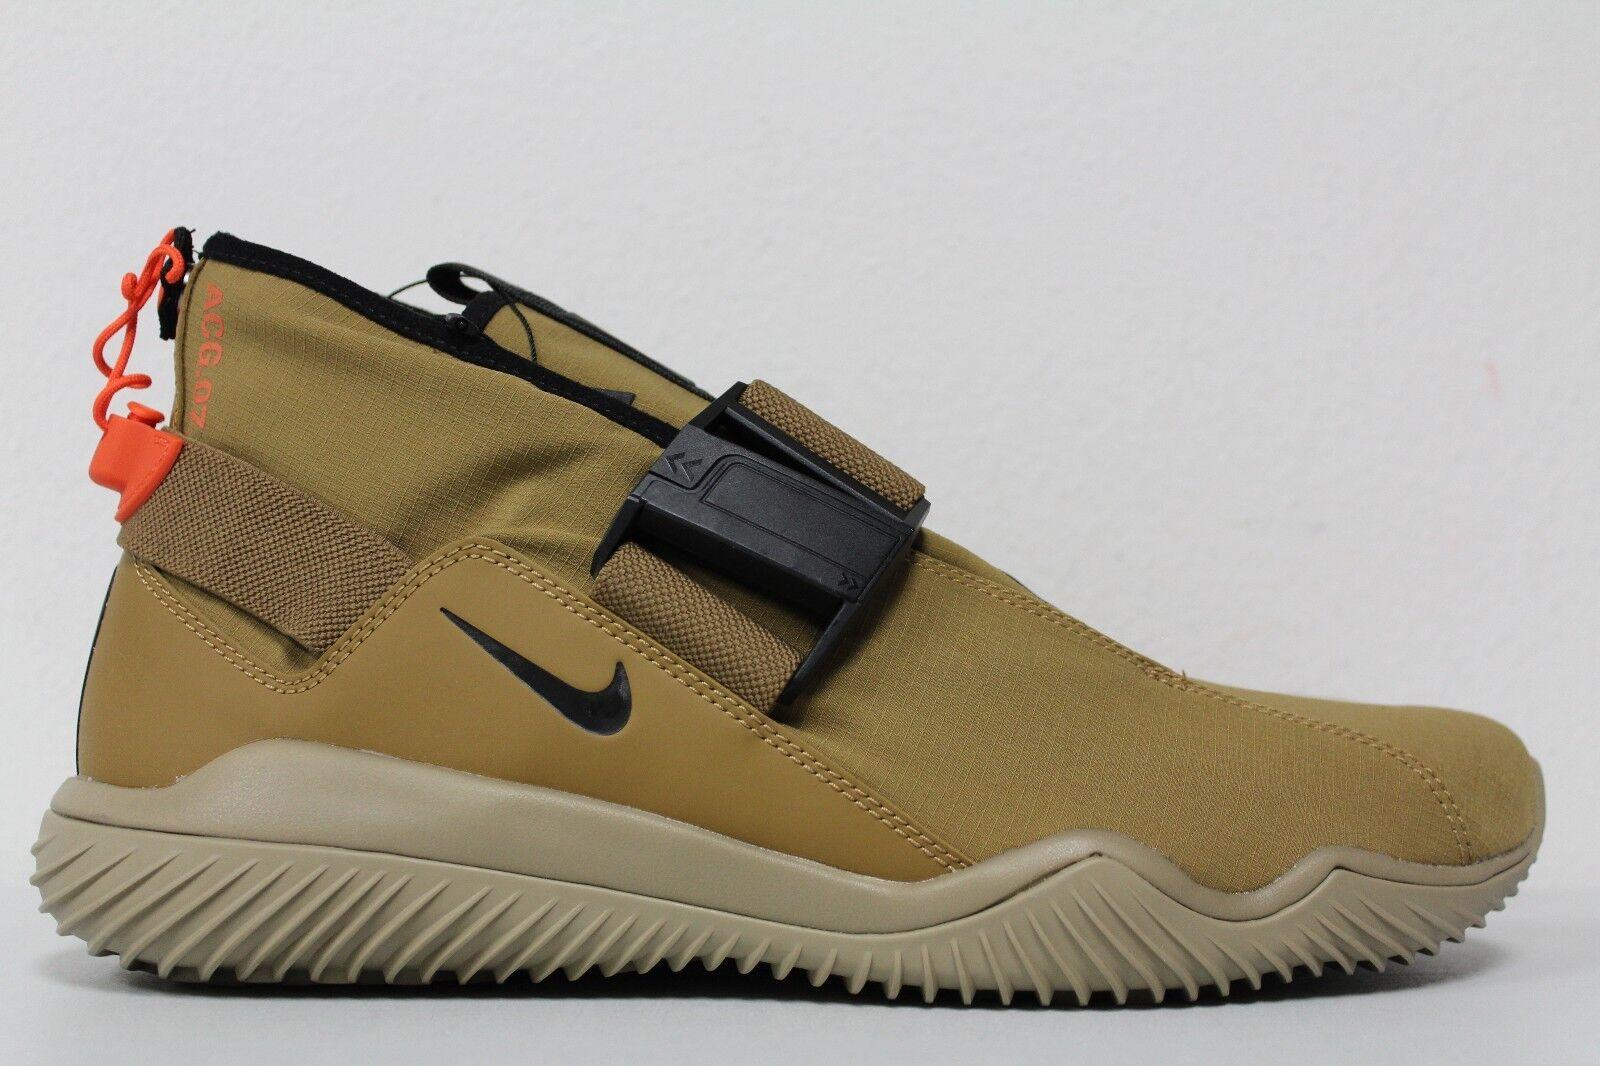 Nike labor acg beige 07 kmtr komuyter goldene beige acg - schwarz khaki 902776-201 größe 12 7ae0bb